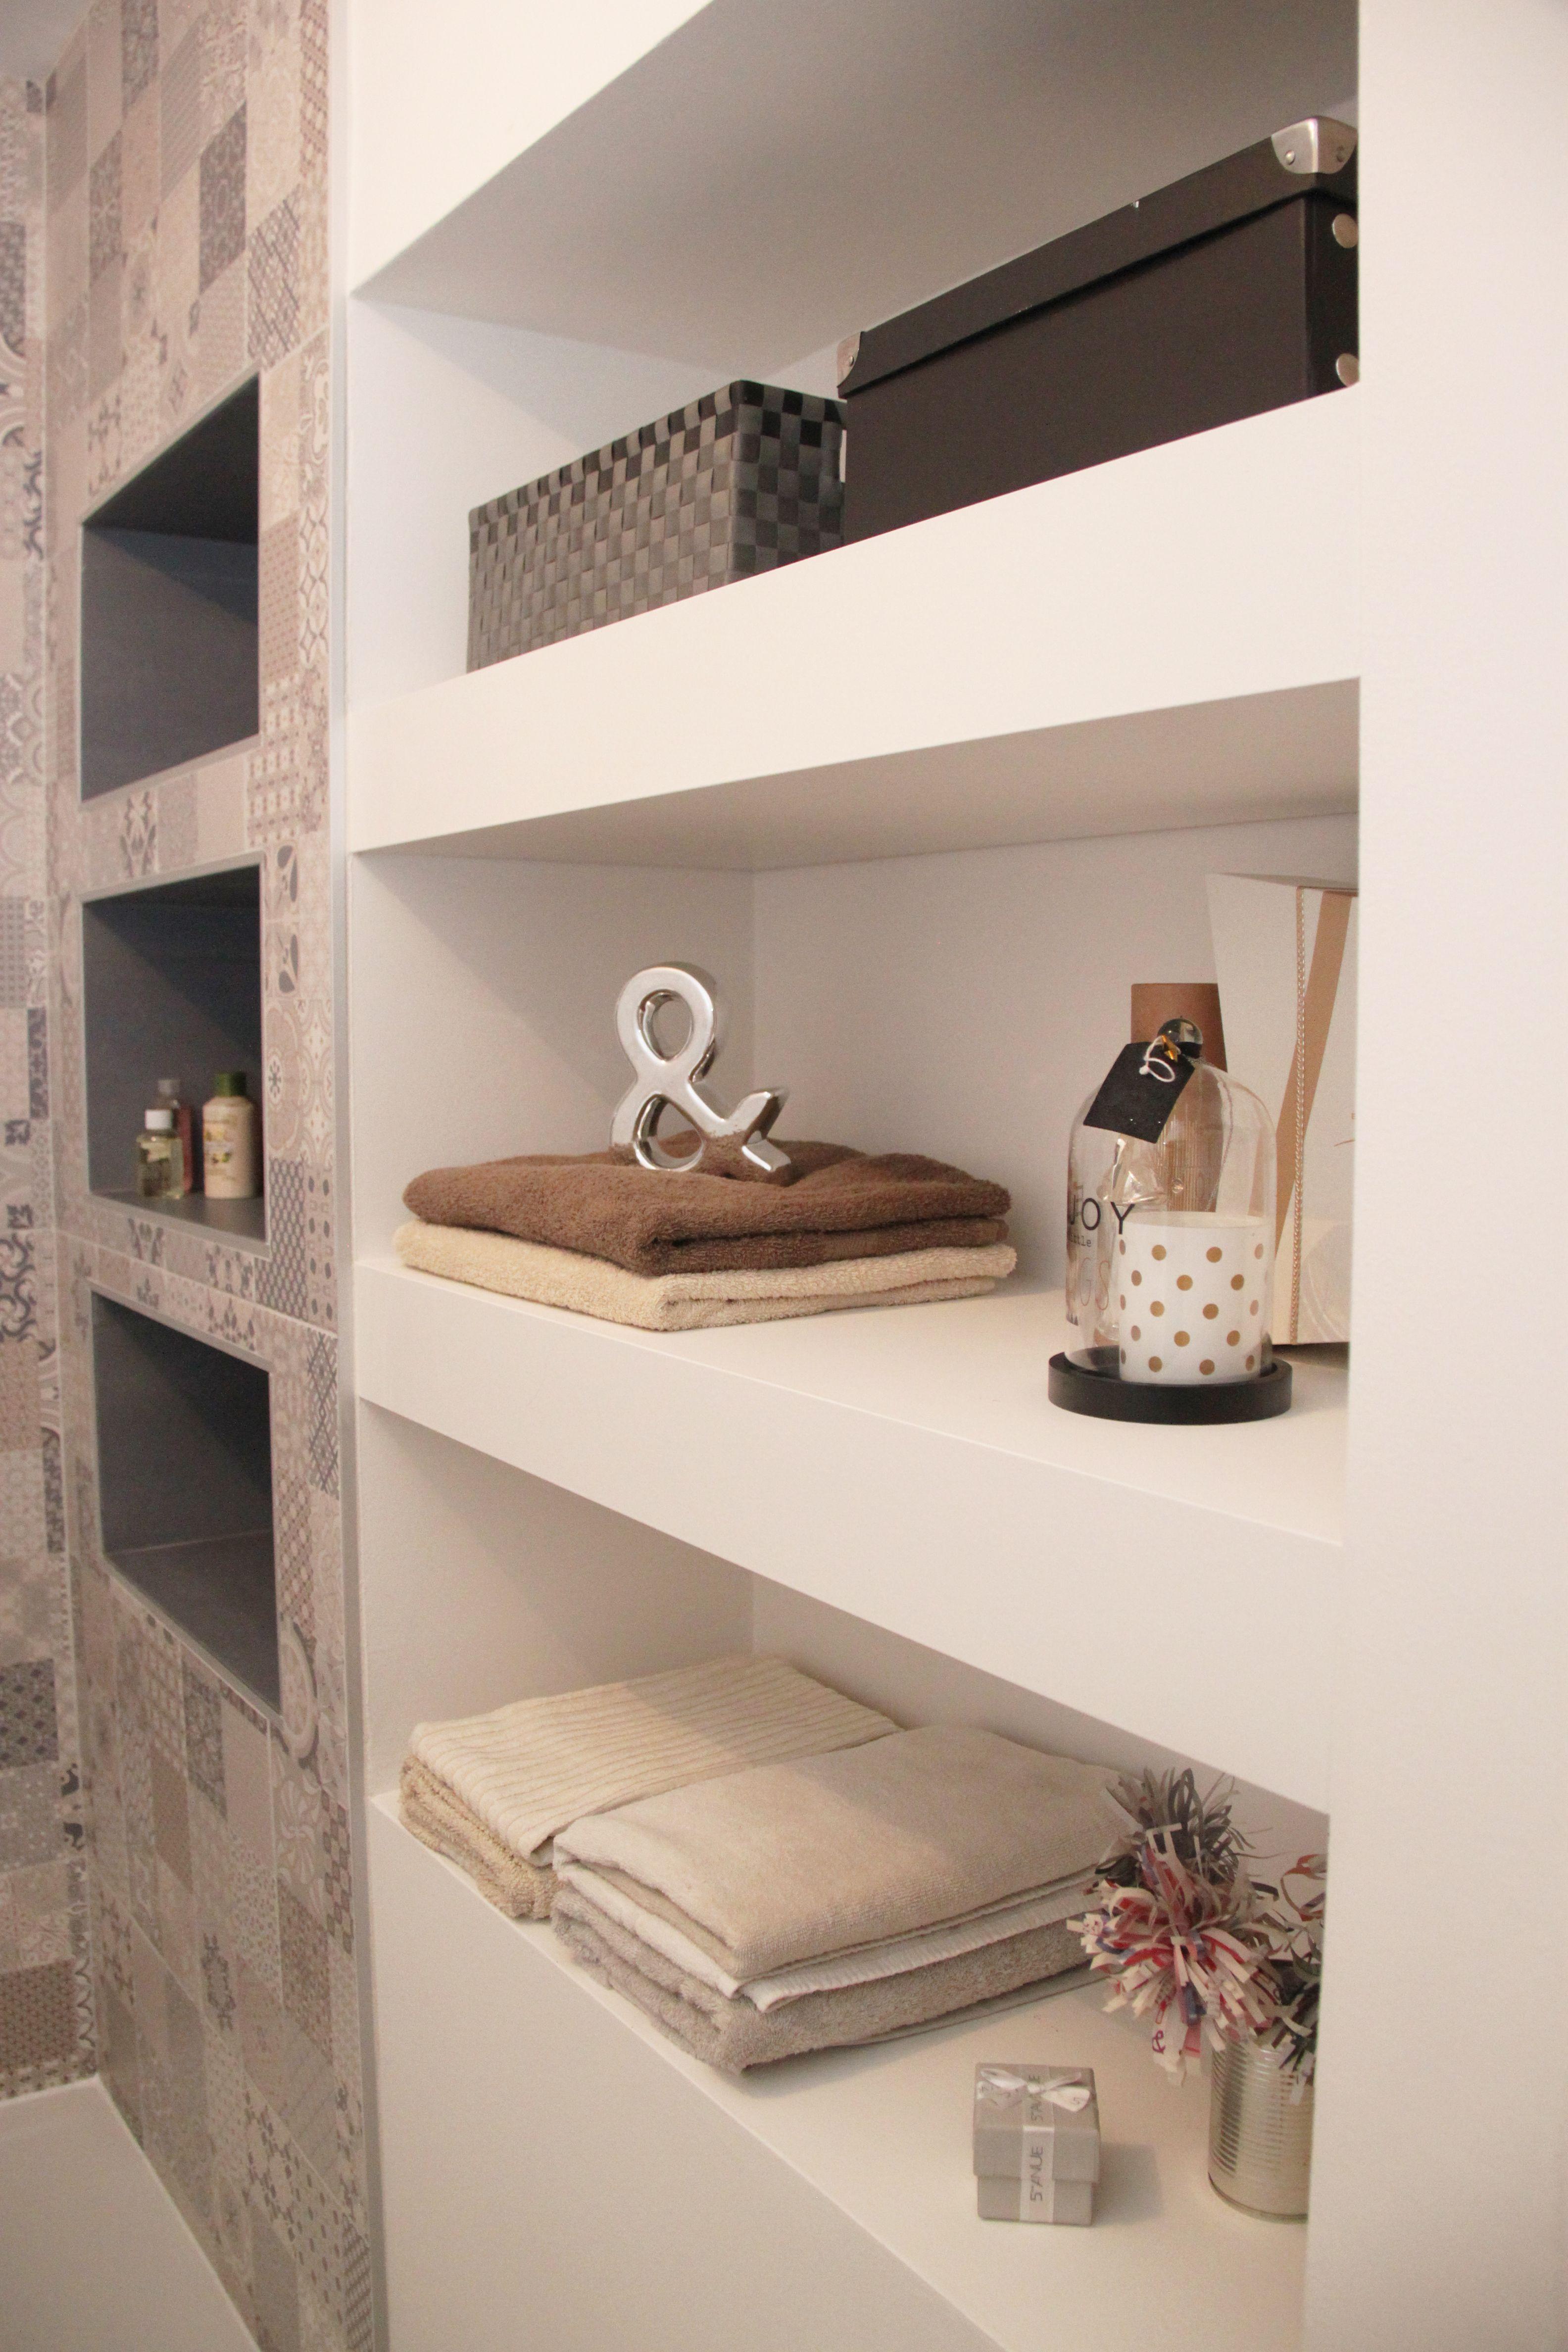 niches dans douche pour gel douche et rangement, décoration ...